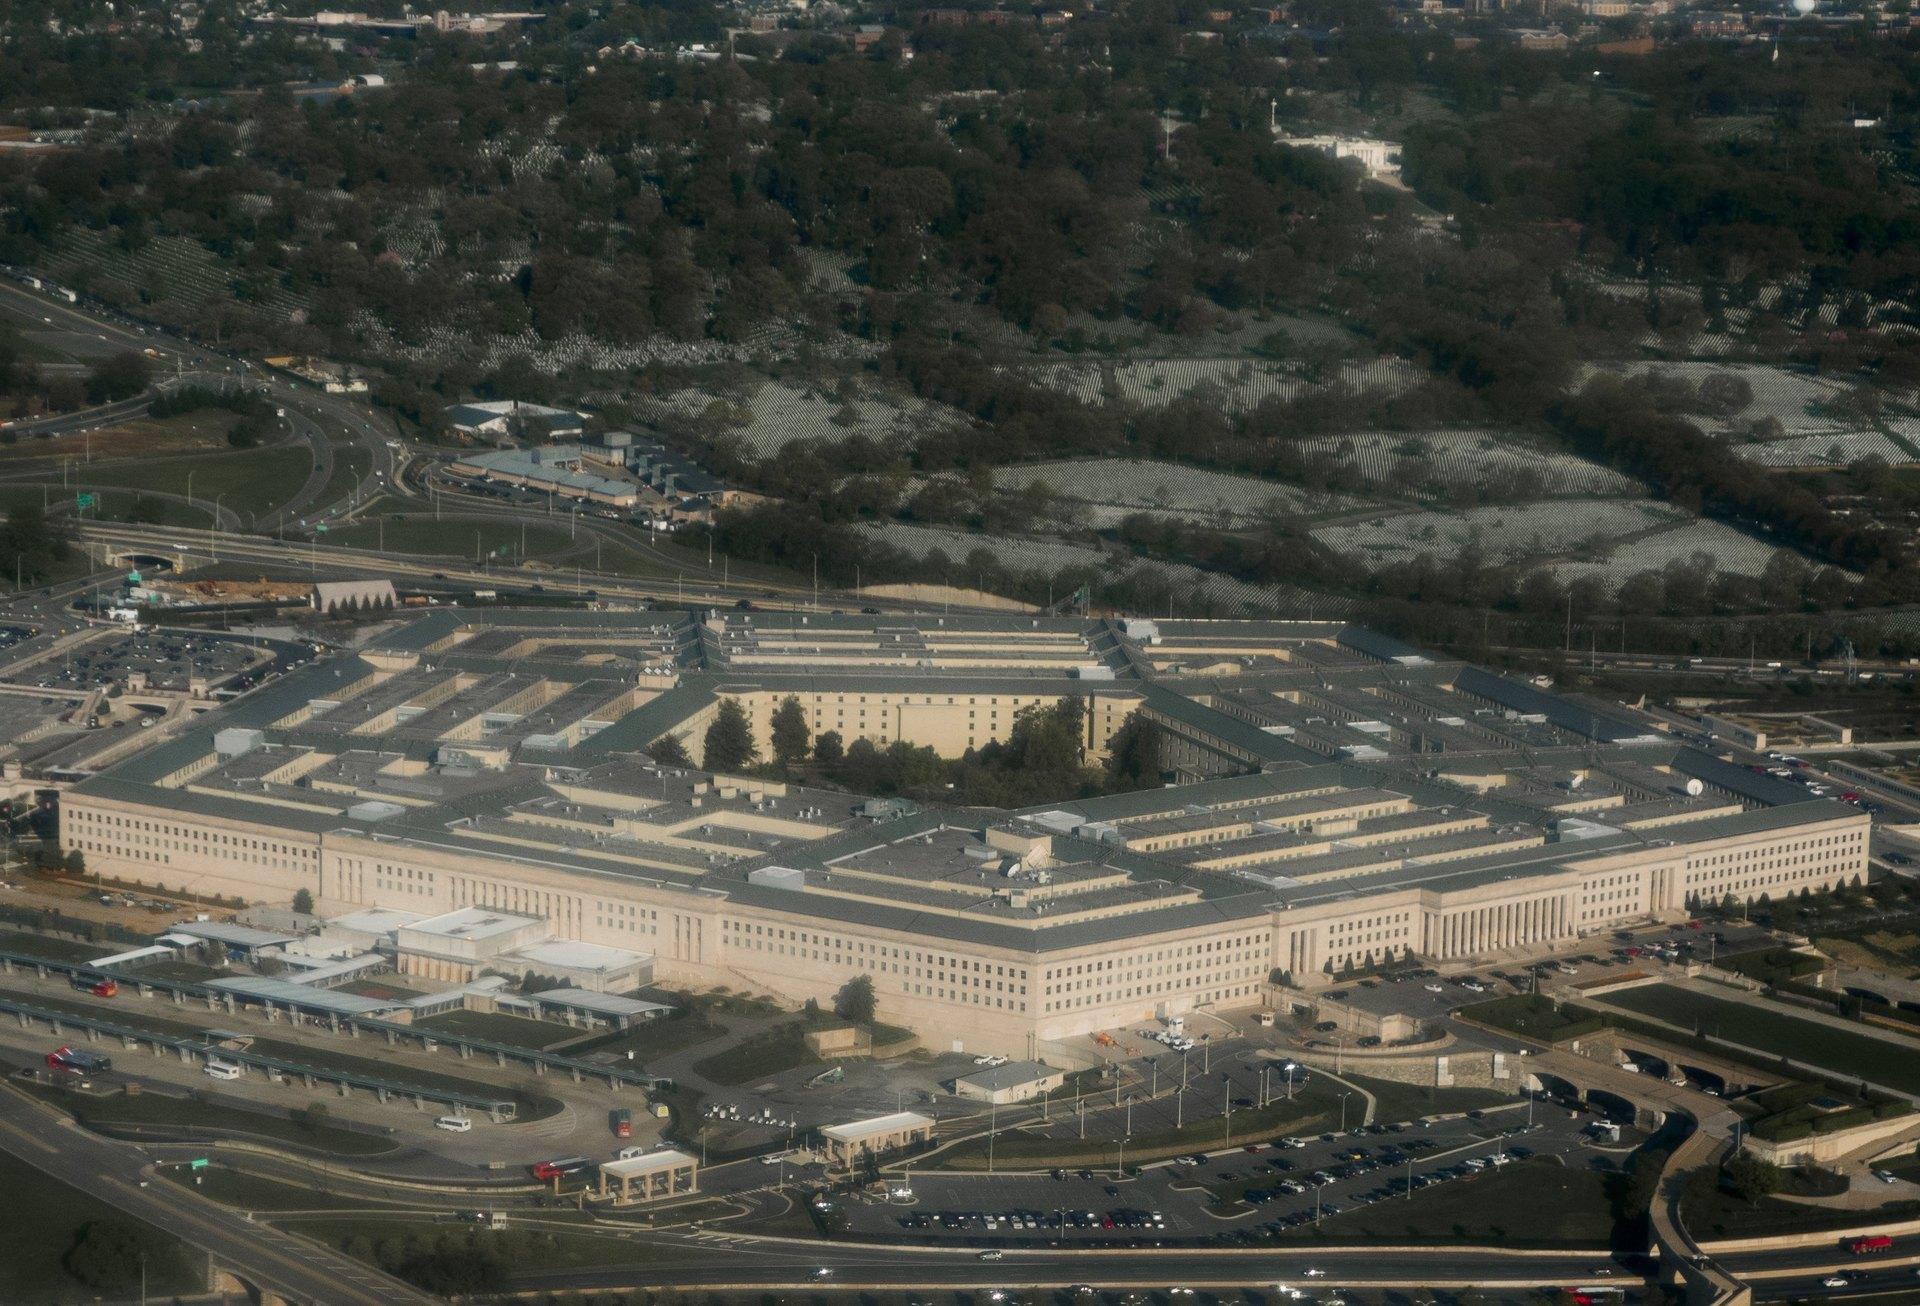 «Разыграть сценарий хаоса»: зачем США перебрасывают военный контингент в Кувейт